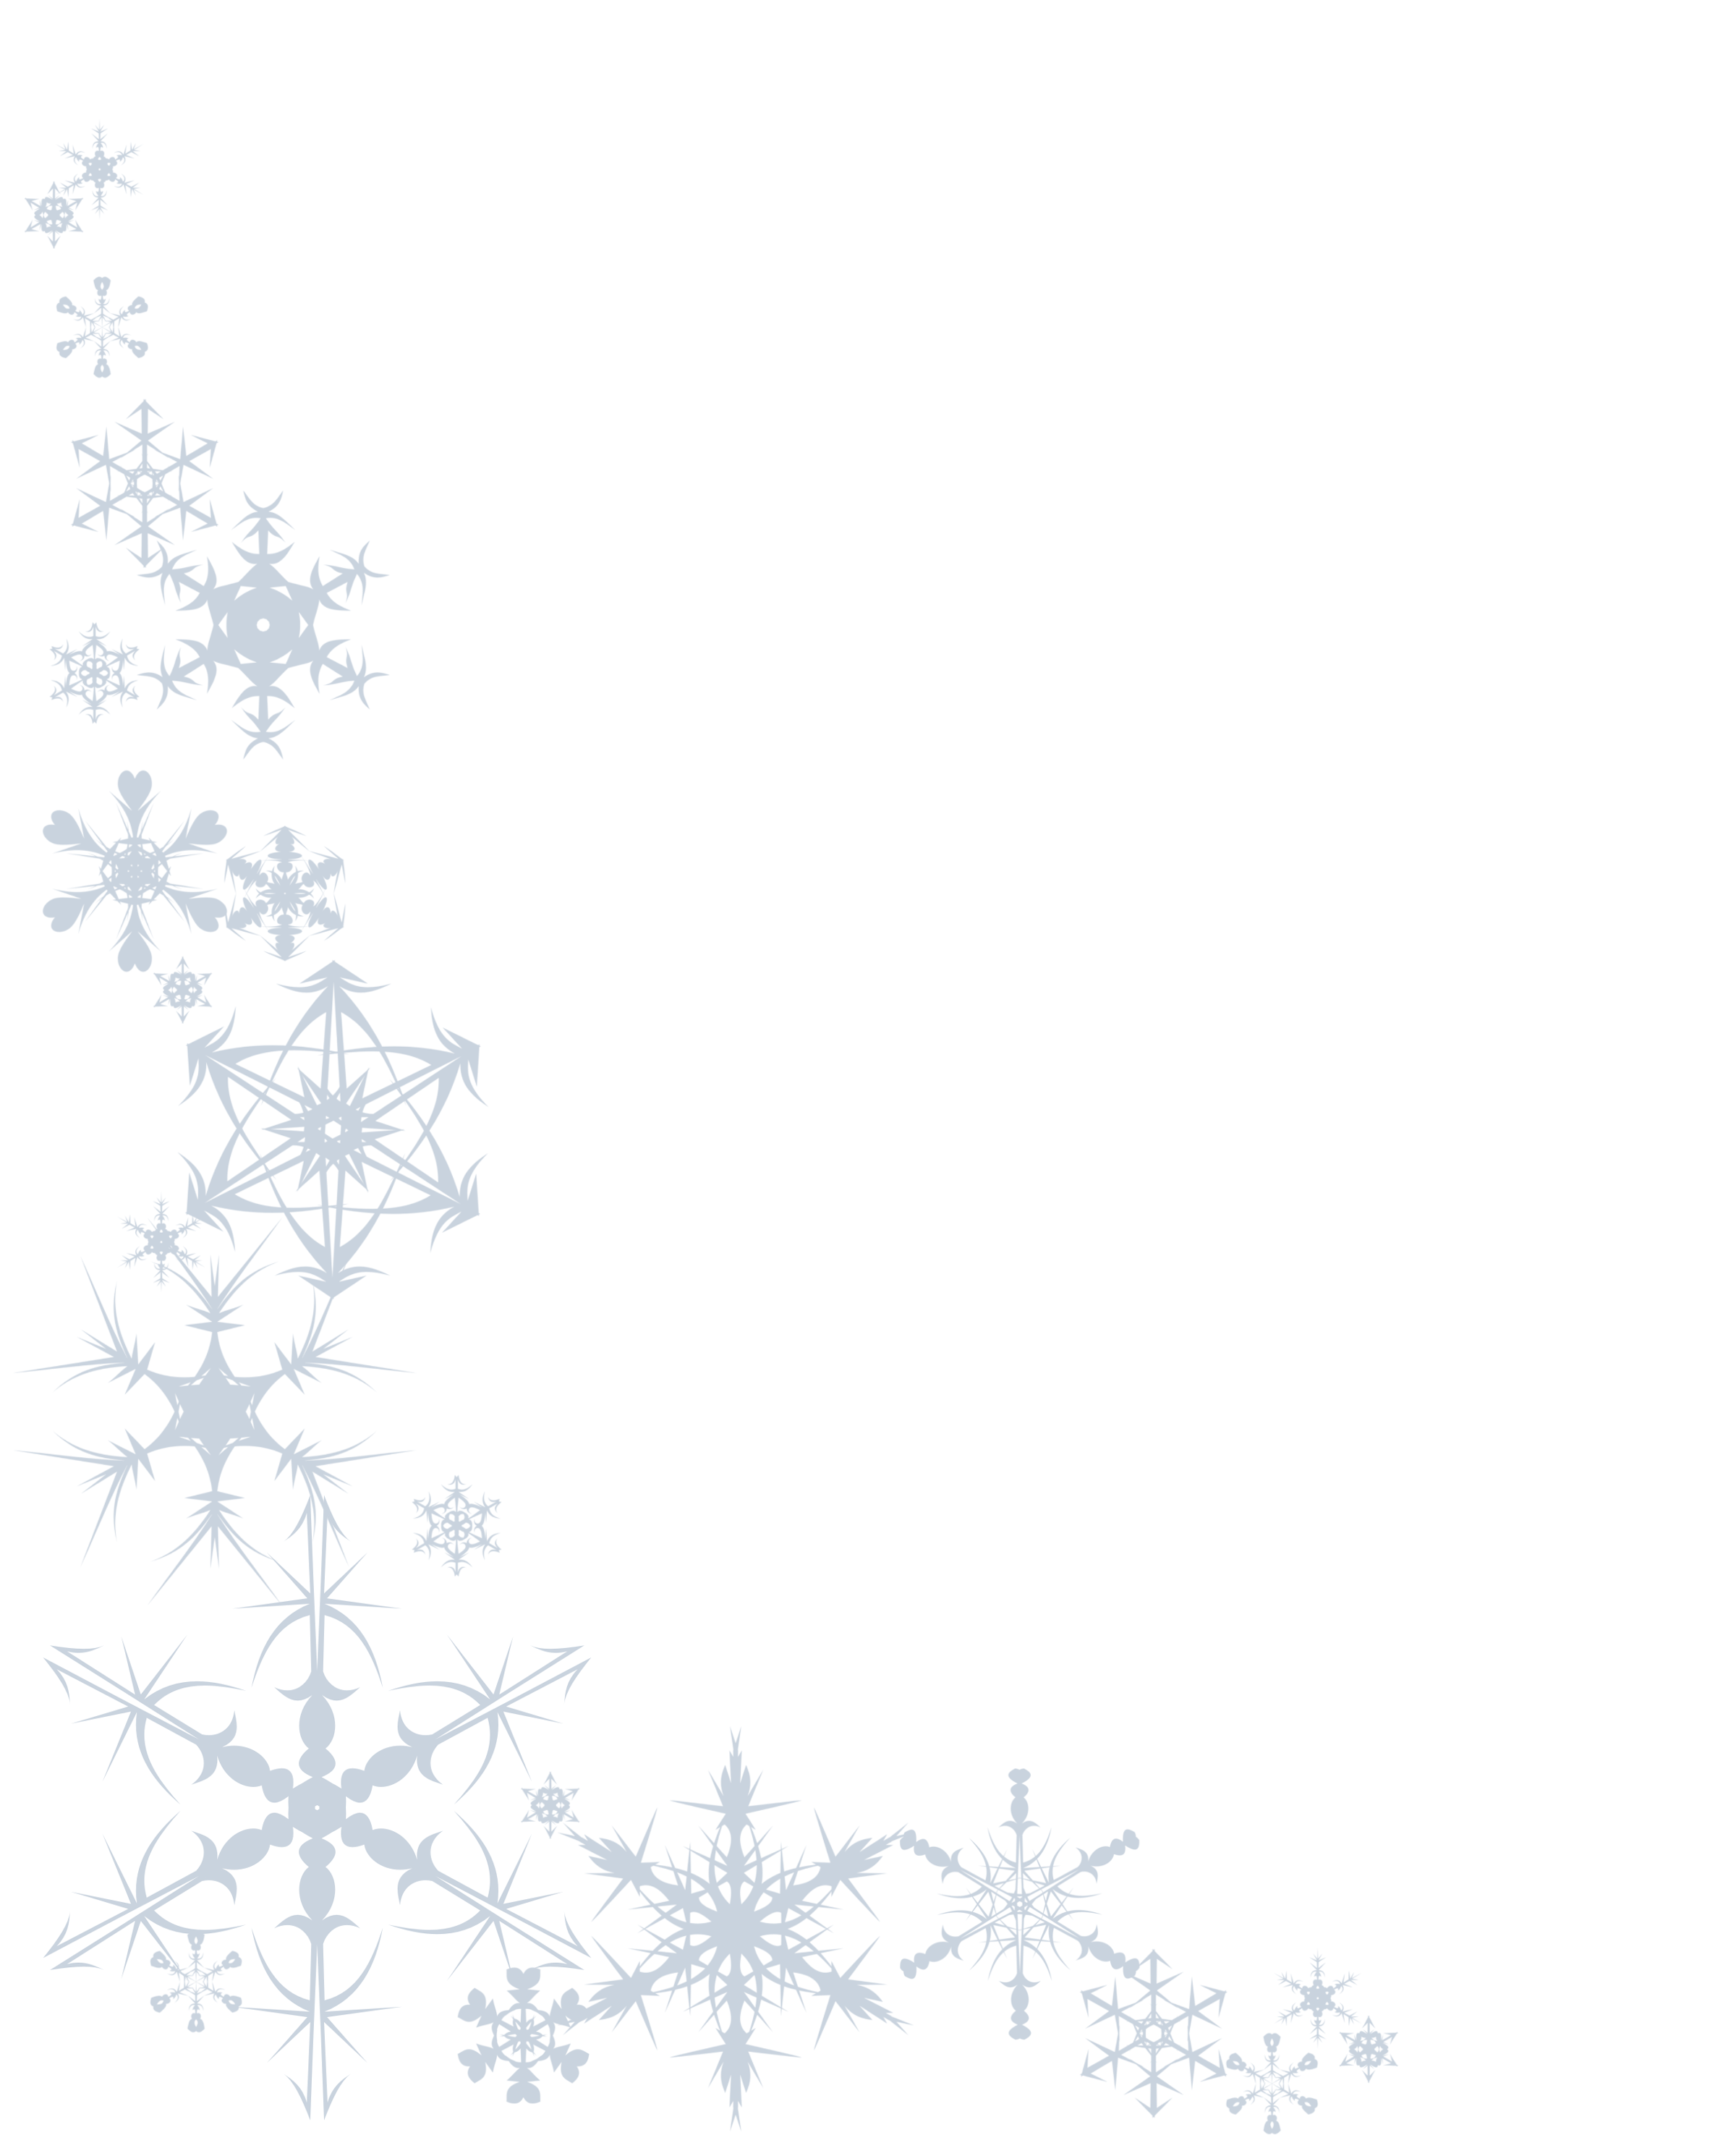 Snowflake Paper At Printables4scrapbooking